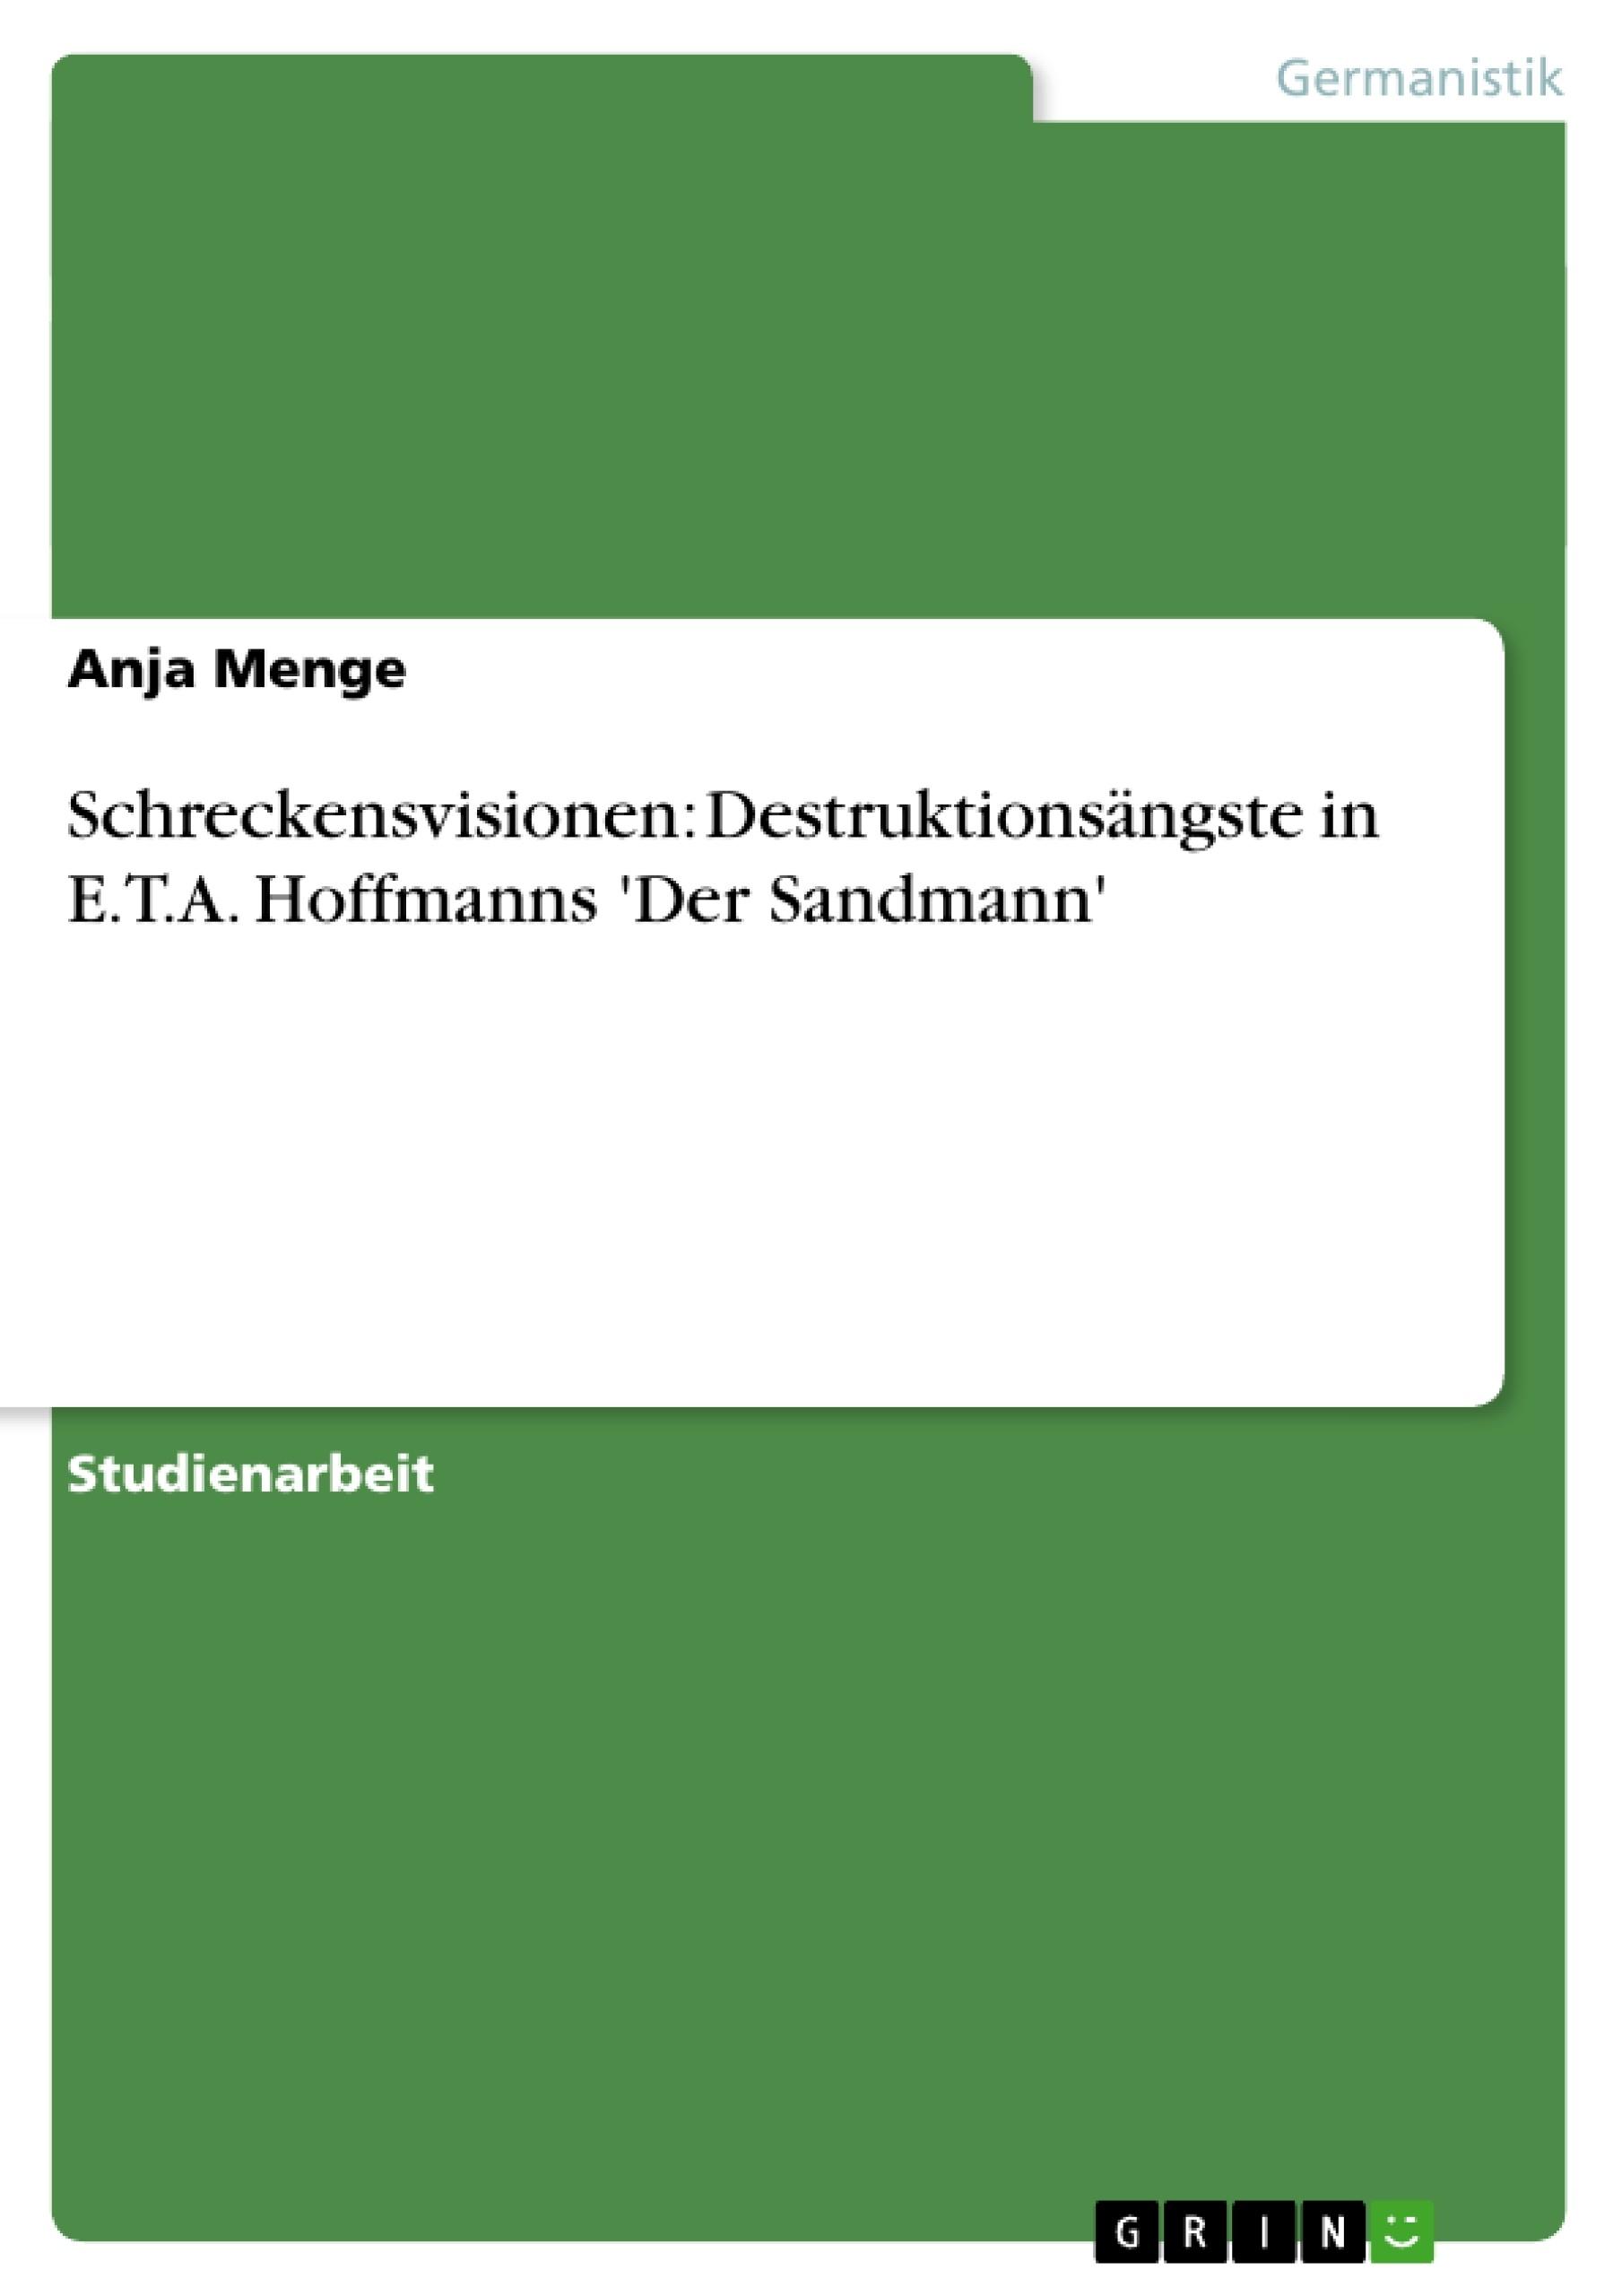 Titel: Schreckensvisionen: Destruktionsängste in E.T.A. Hoffmanns 'Der Sandmann'